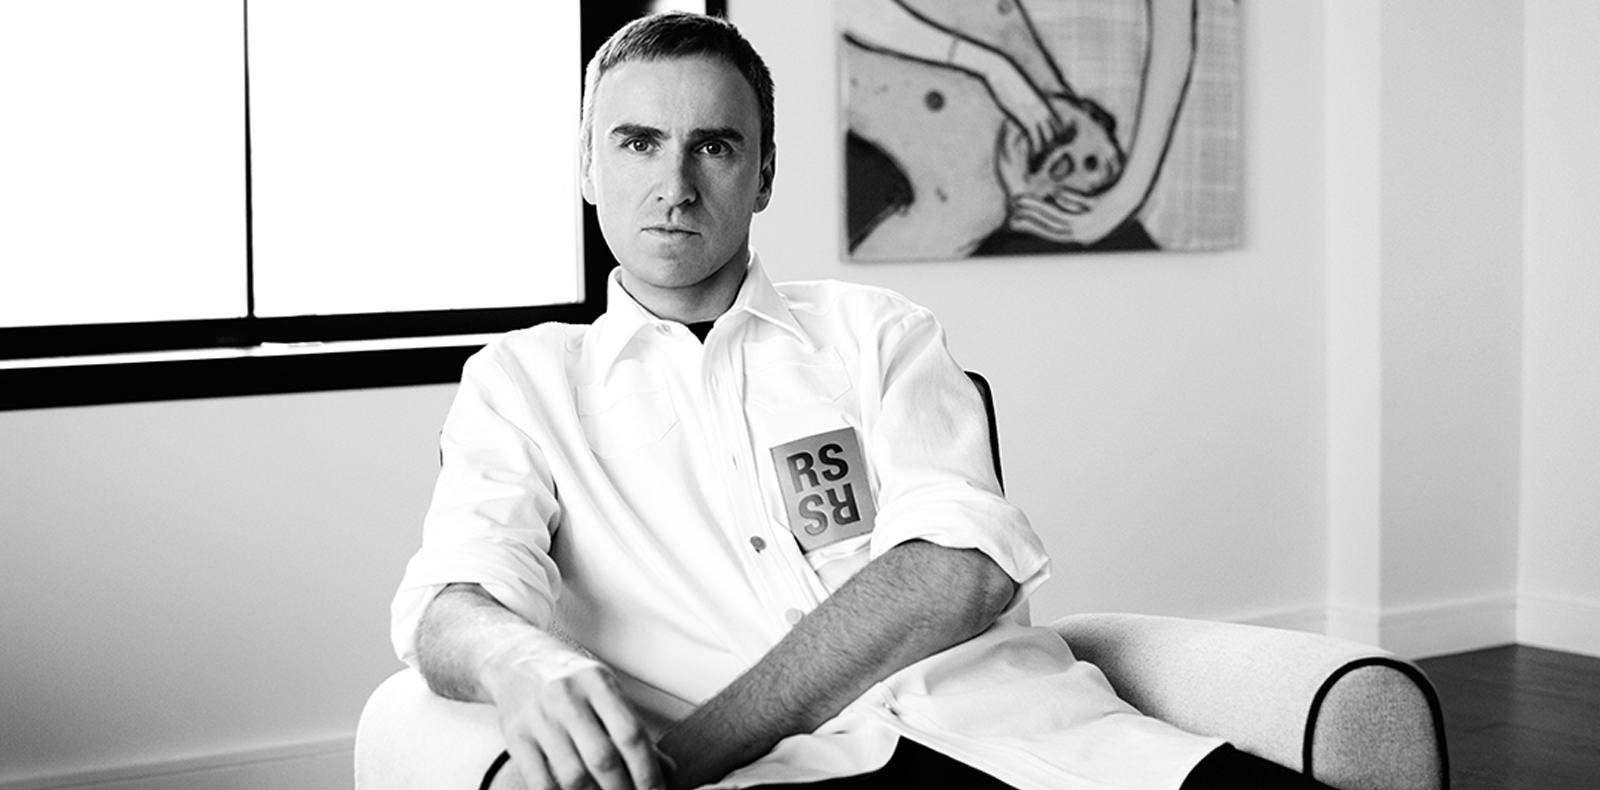 Raf Simons à la tête de Calvin Klein: cinq choses à savoir sur un créateur inspiré